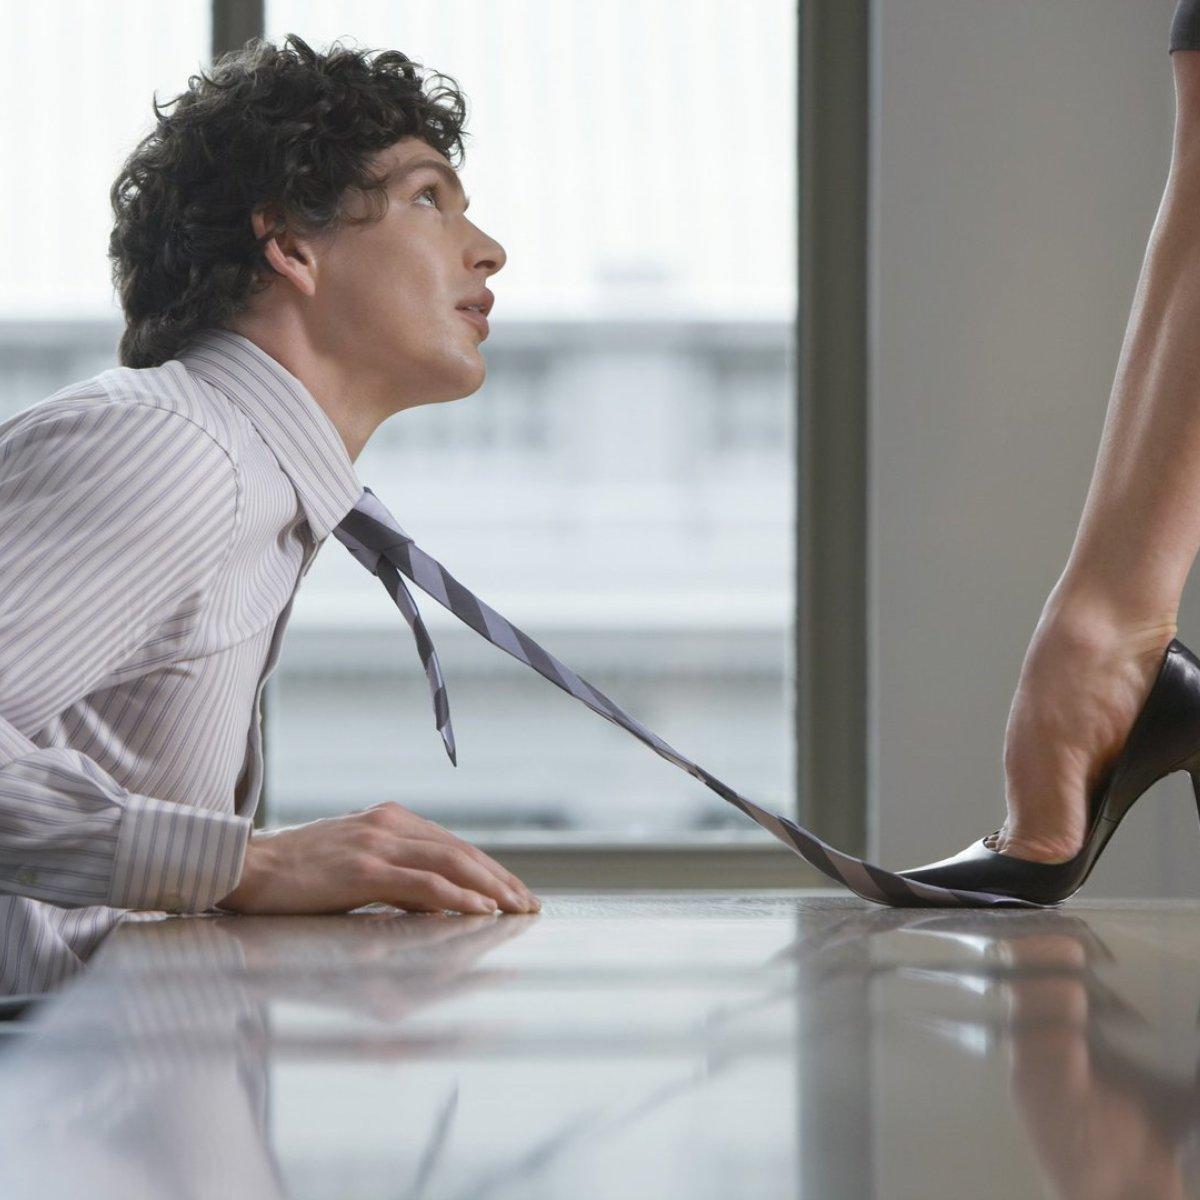 ką daryti jei vyrams yra erekcija metodika padidejo nare uz 1 cm